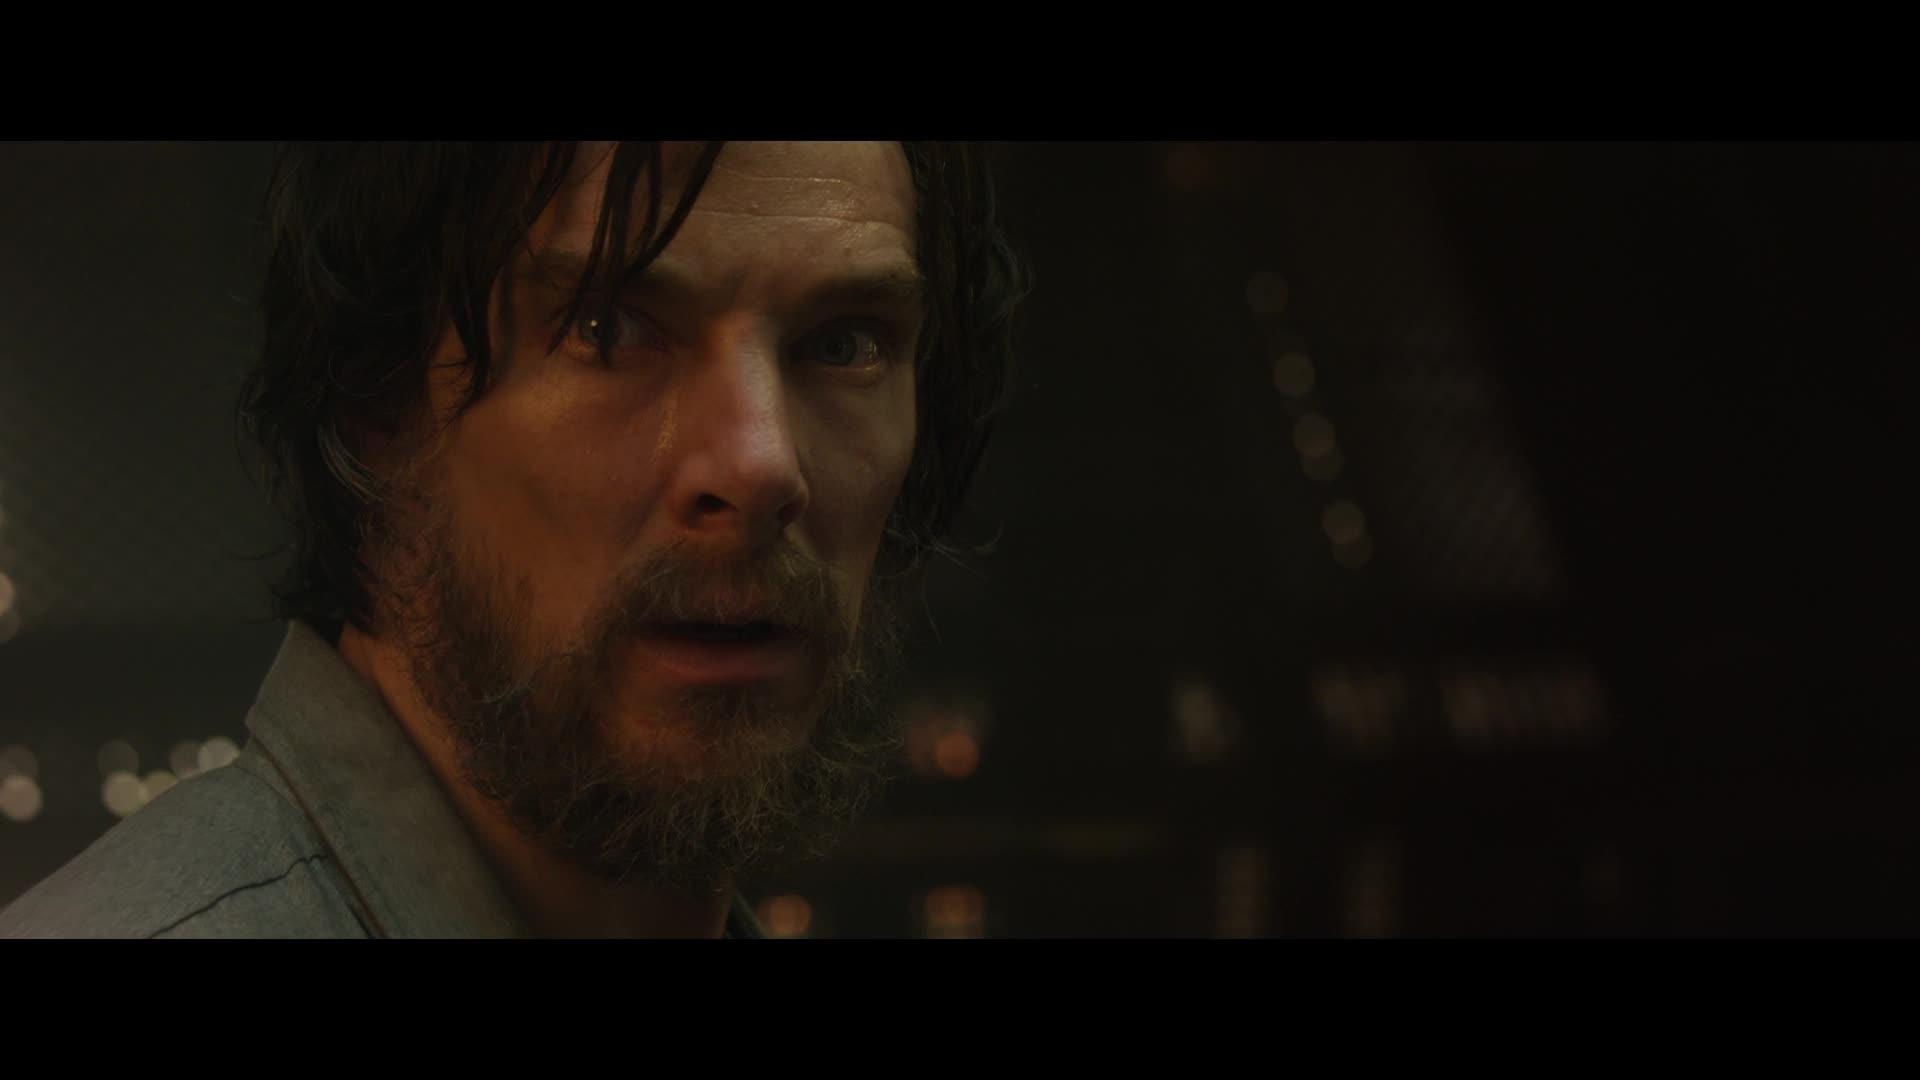 Doctor Strange : La première bande-annonce est disponible !